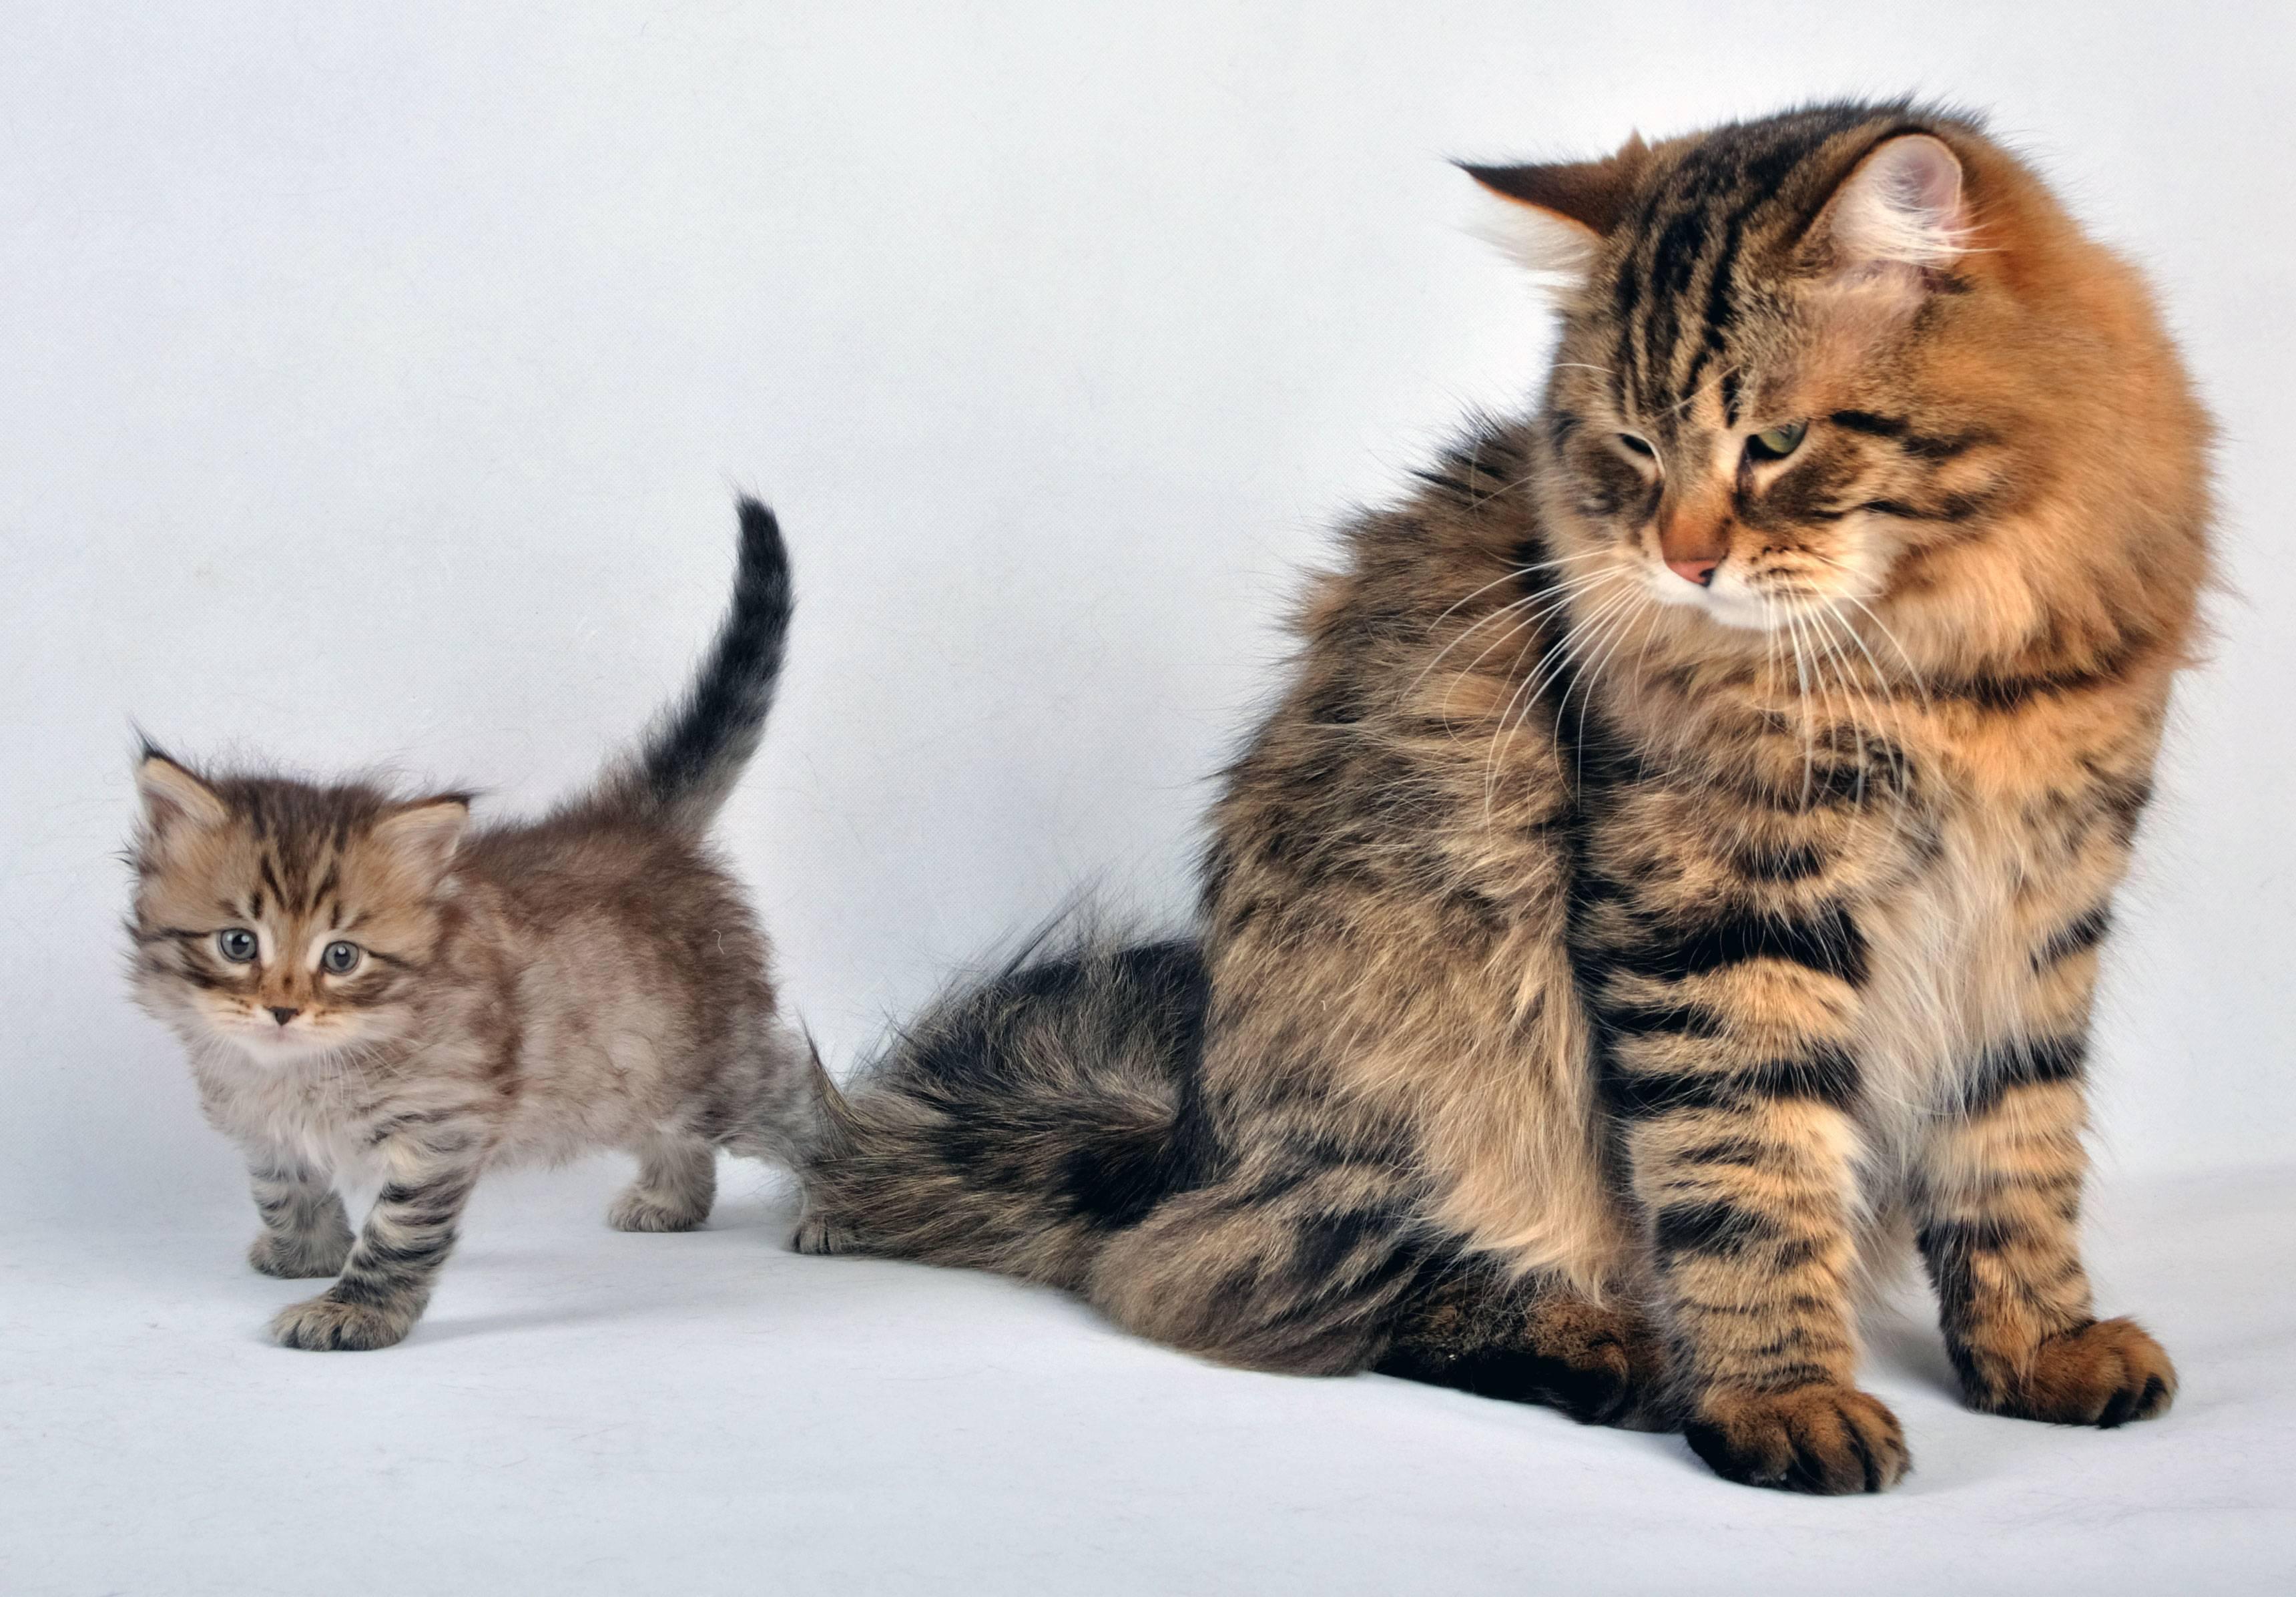 Сибирская кошка (фото): ласковый пушистик с королевским характером - kot-pes